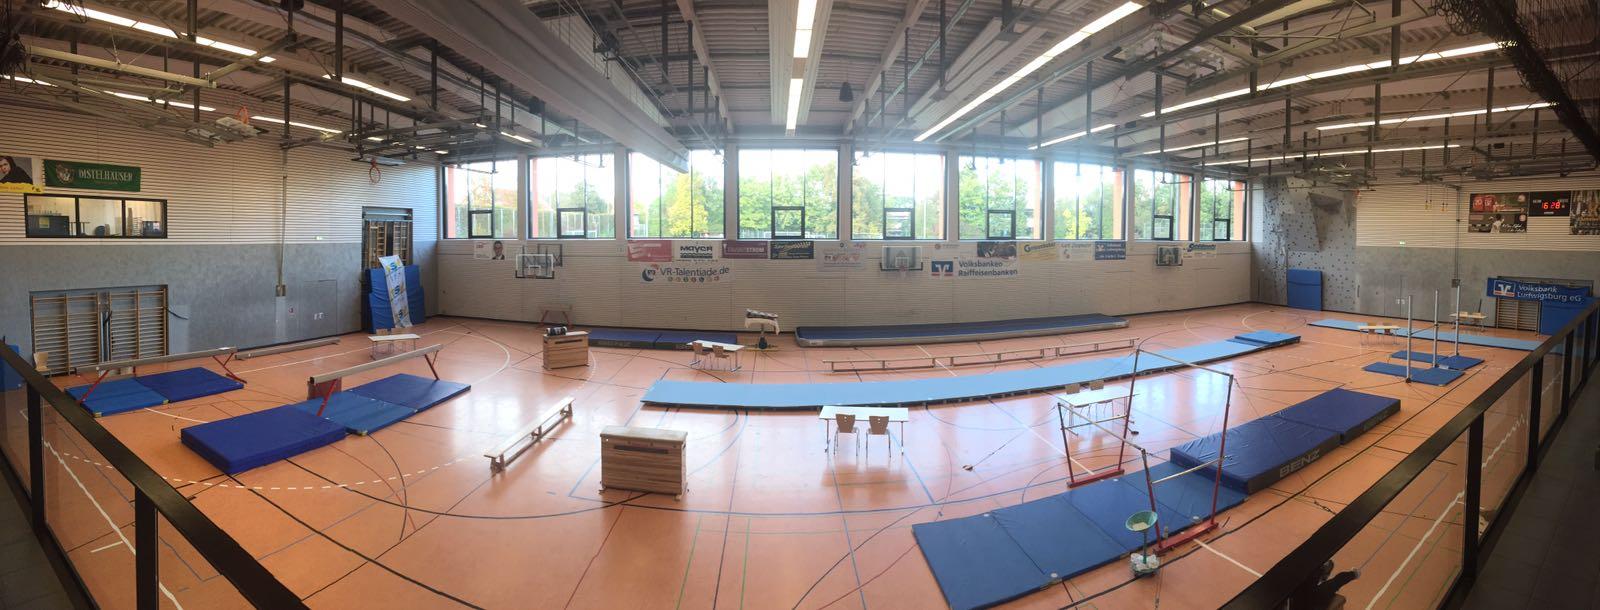 fröbelschule ludwigsburg